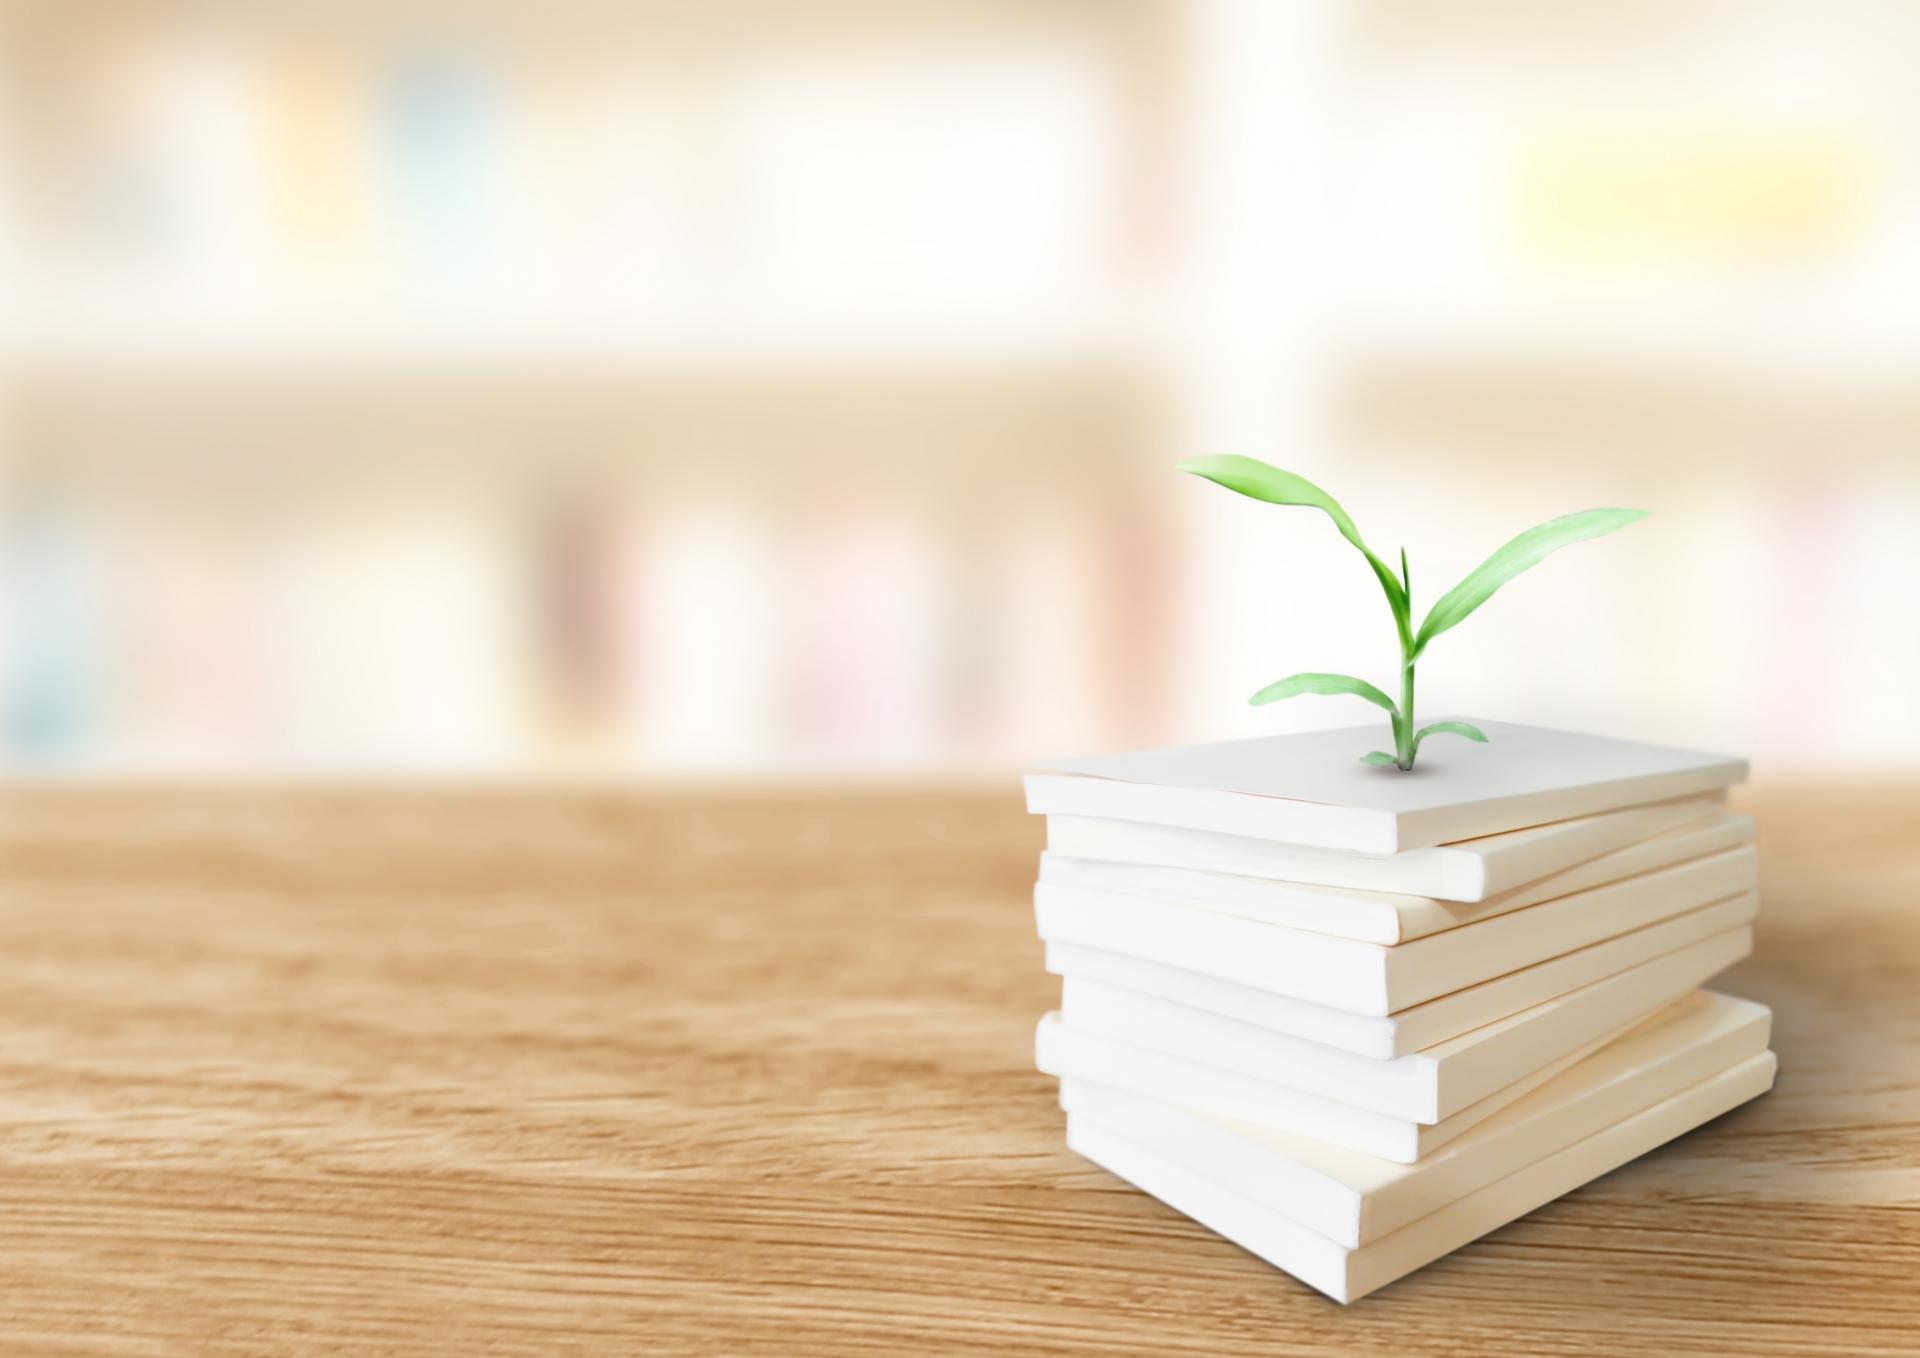 積み重なった本から緑が芽生える